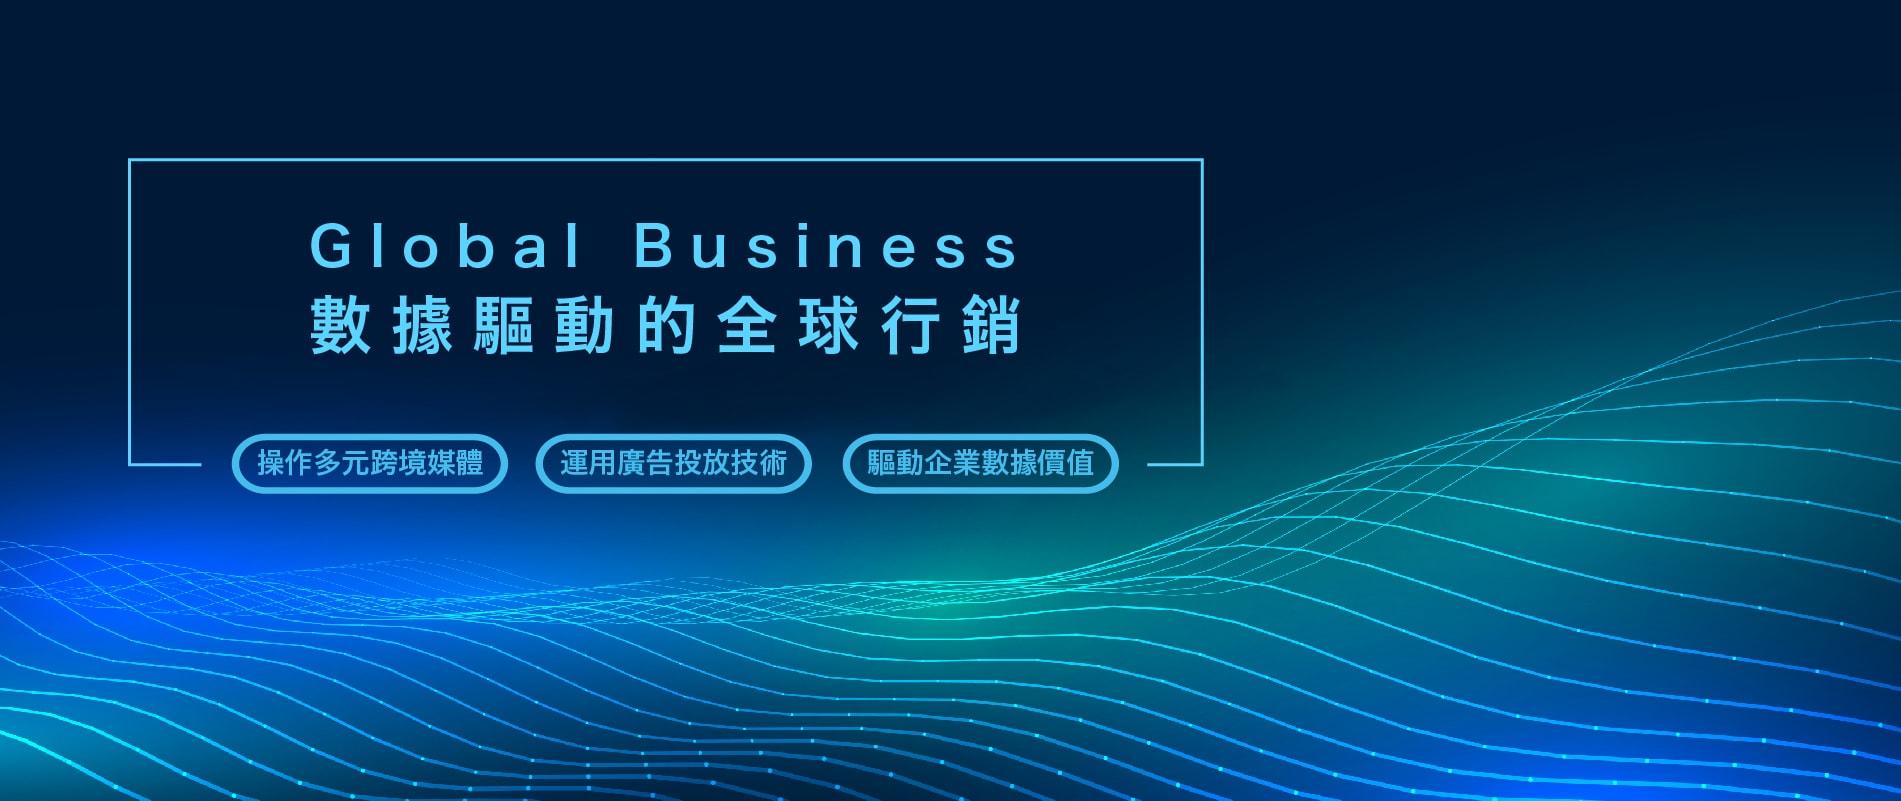 數據驅動的全球行銷、多元跨境媒體、廣告投放技術、企業數據價值